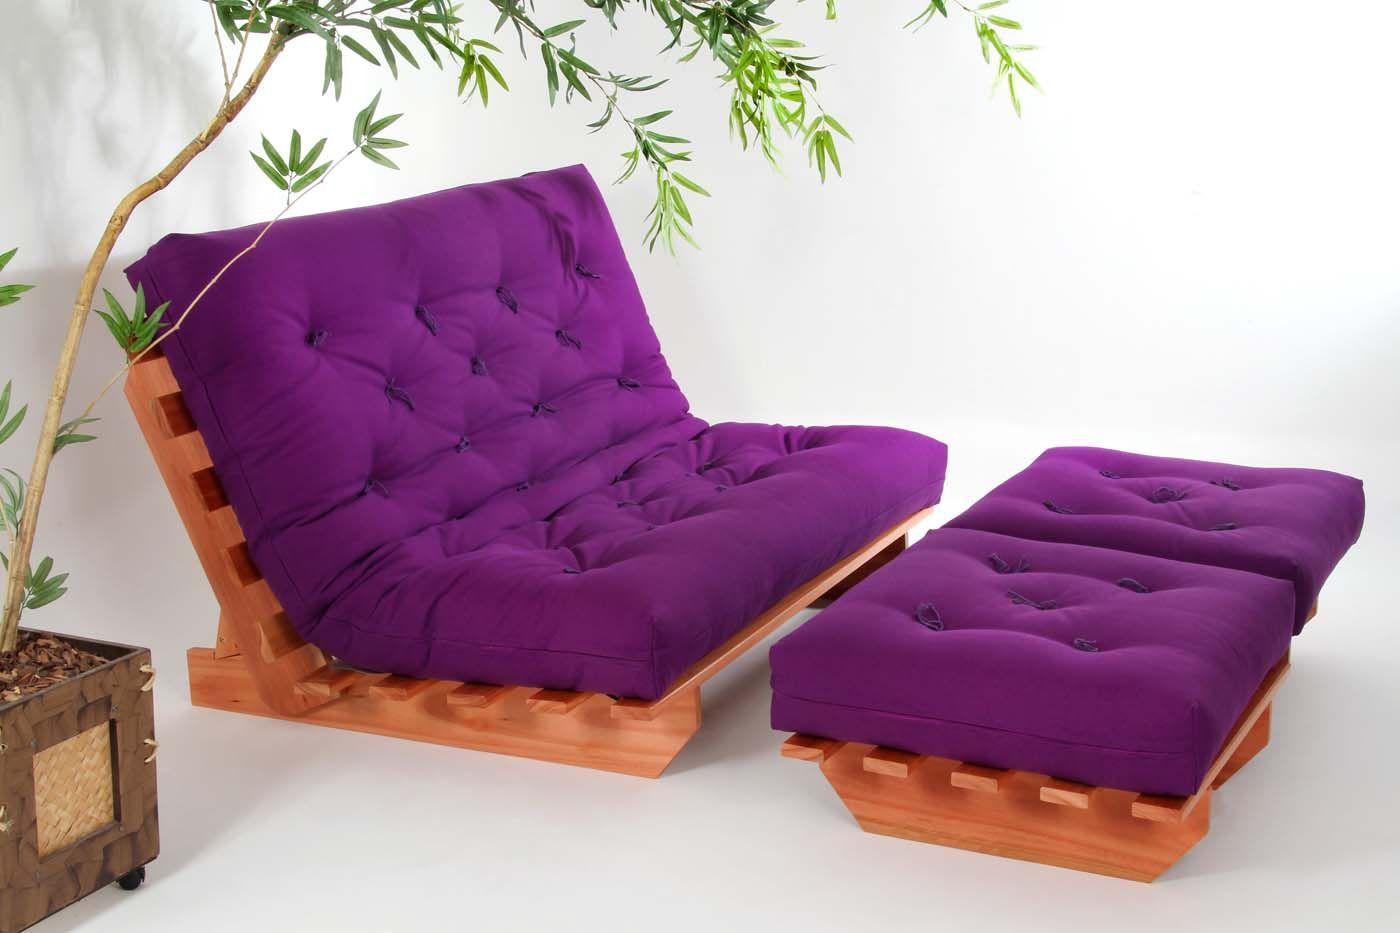 Sof cama futon modelo indiano casal tecido 100 algod o - Sofas cama futon ...